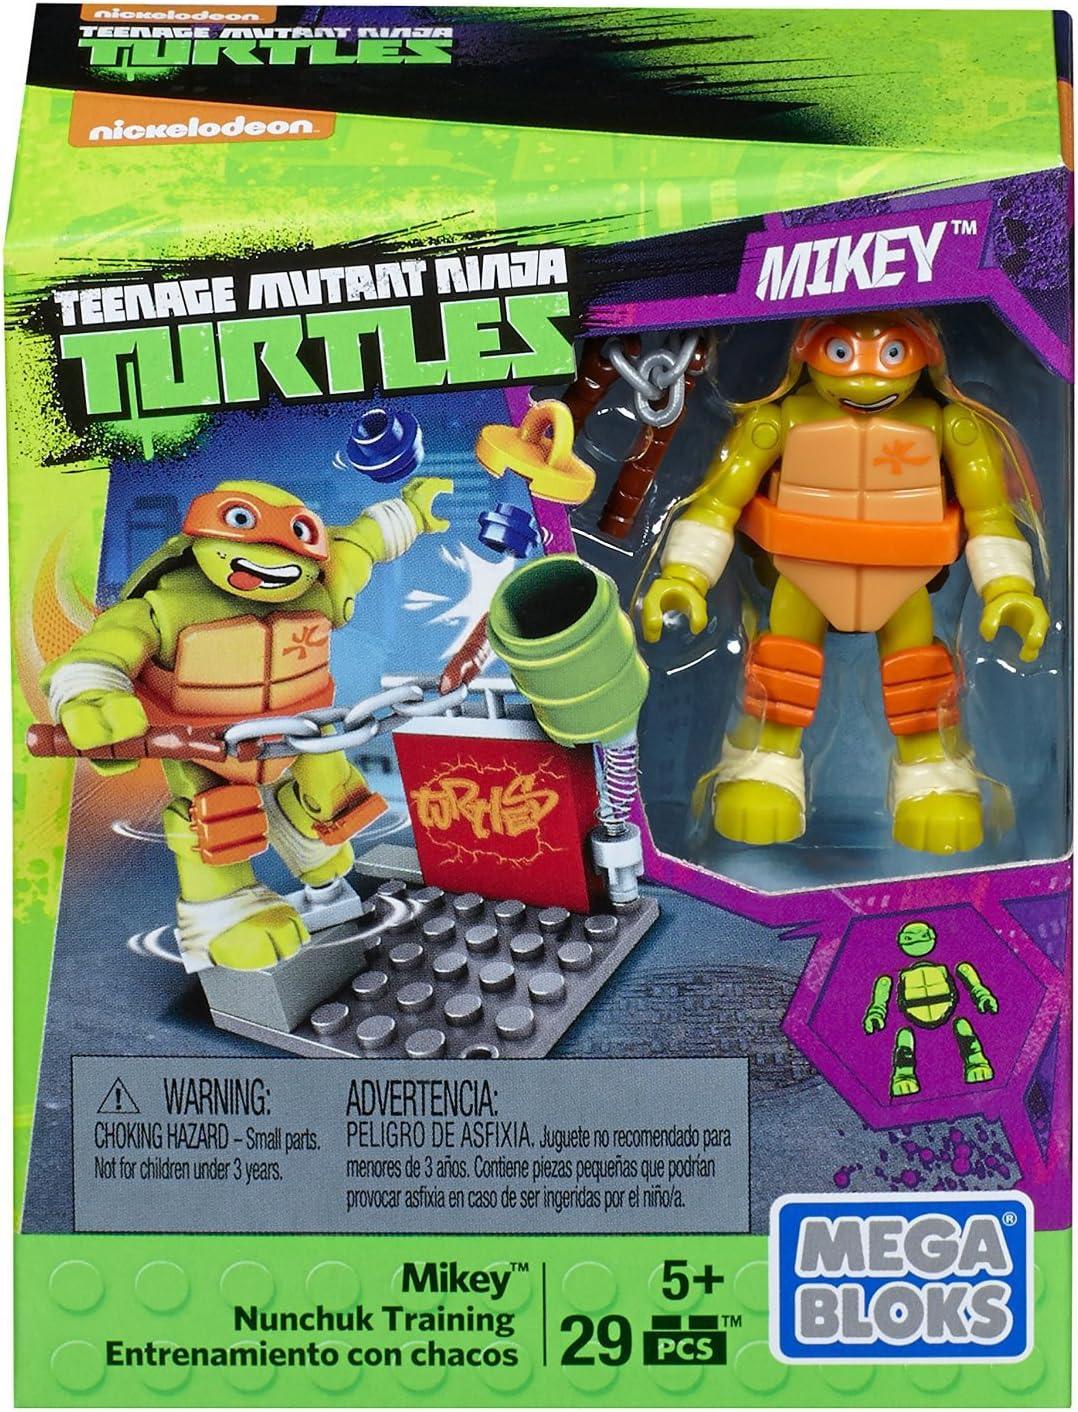 Amazon.com: Mega construx Teenage Mutant Ninja Turtles Mikey ...